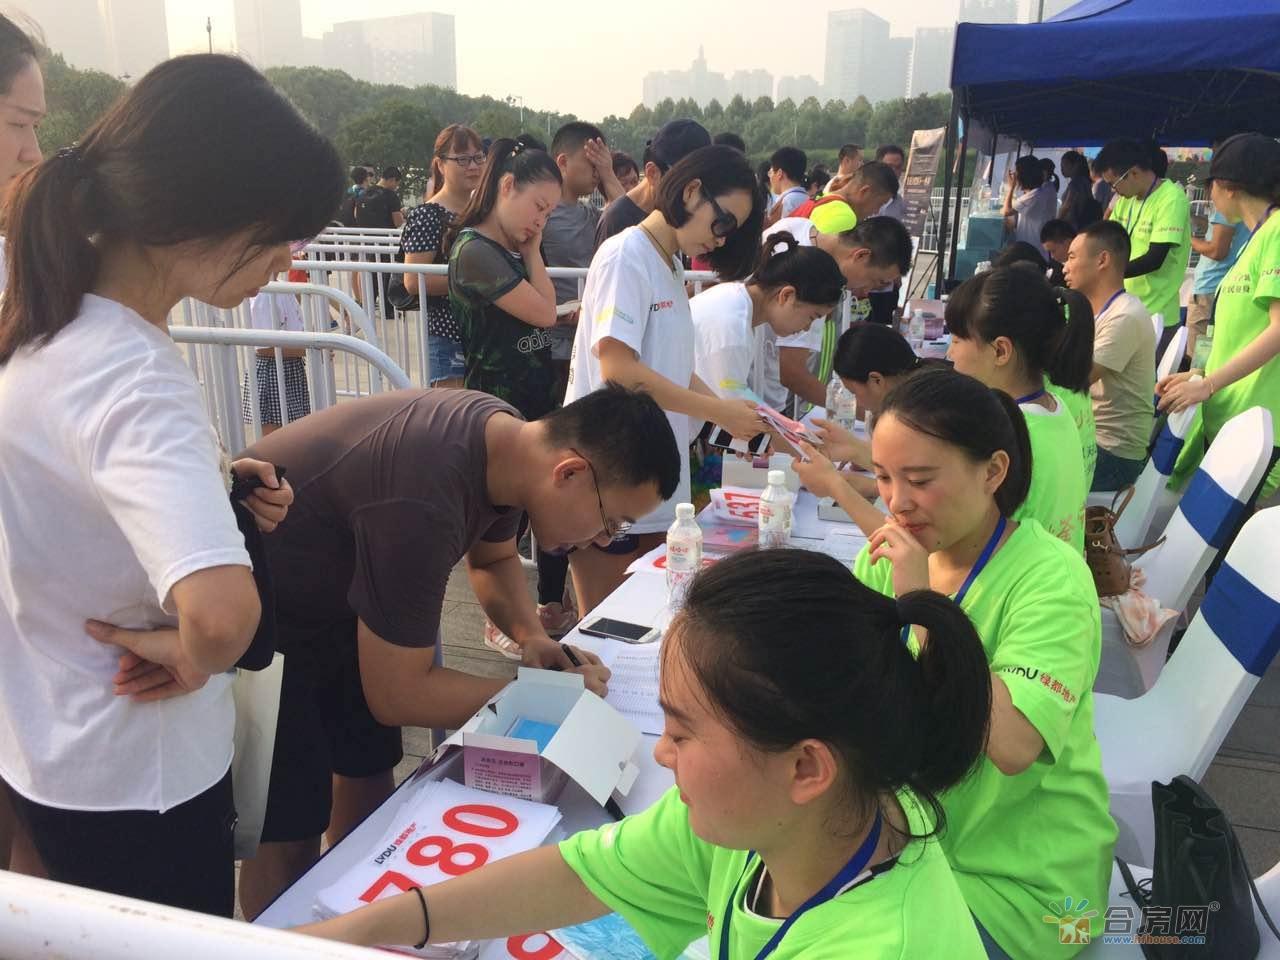 参赛者签到领取物料和号牌